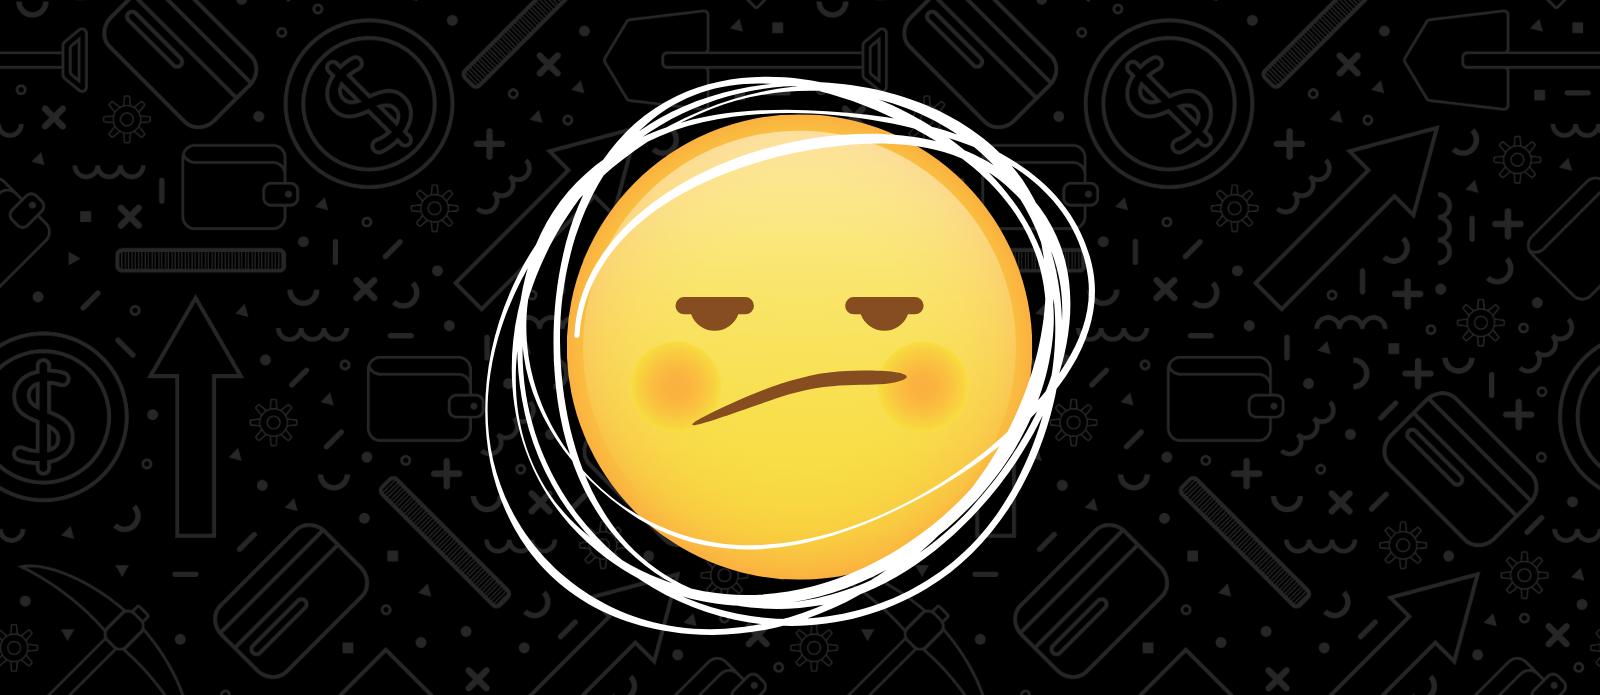 Animated upset emoji on black background